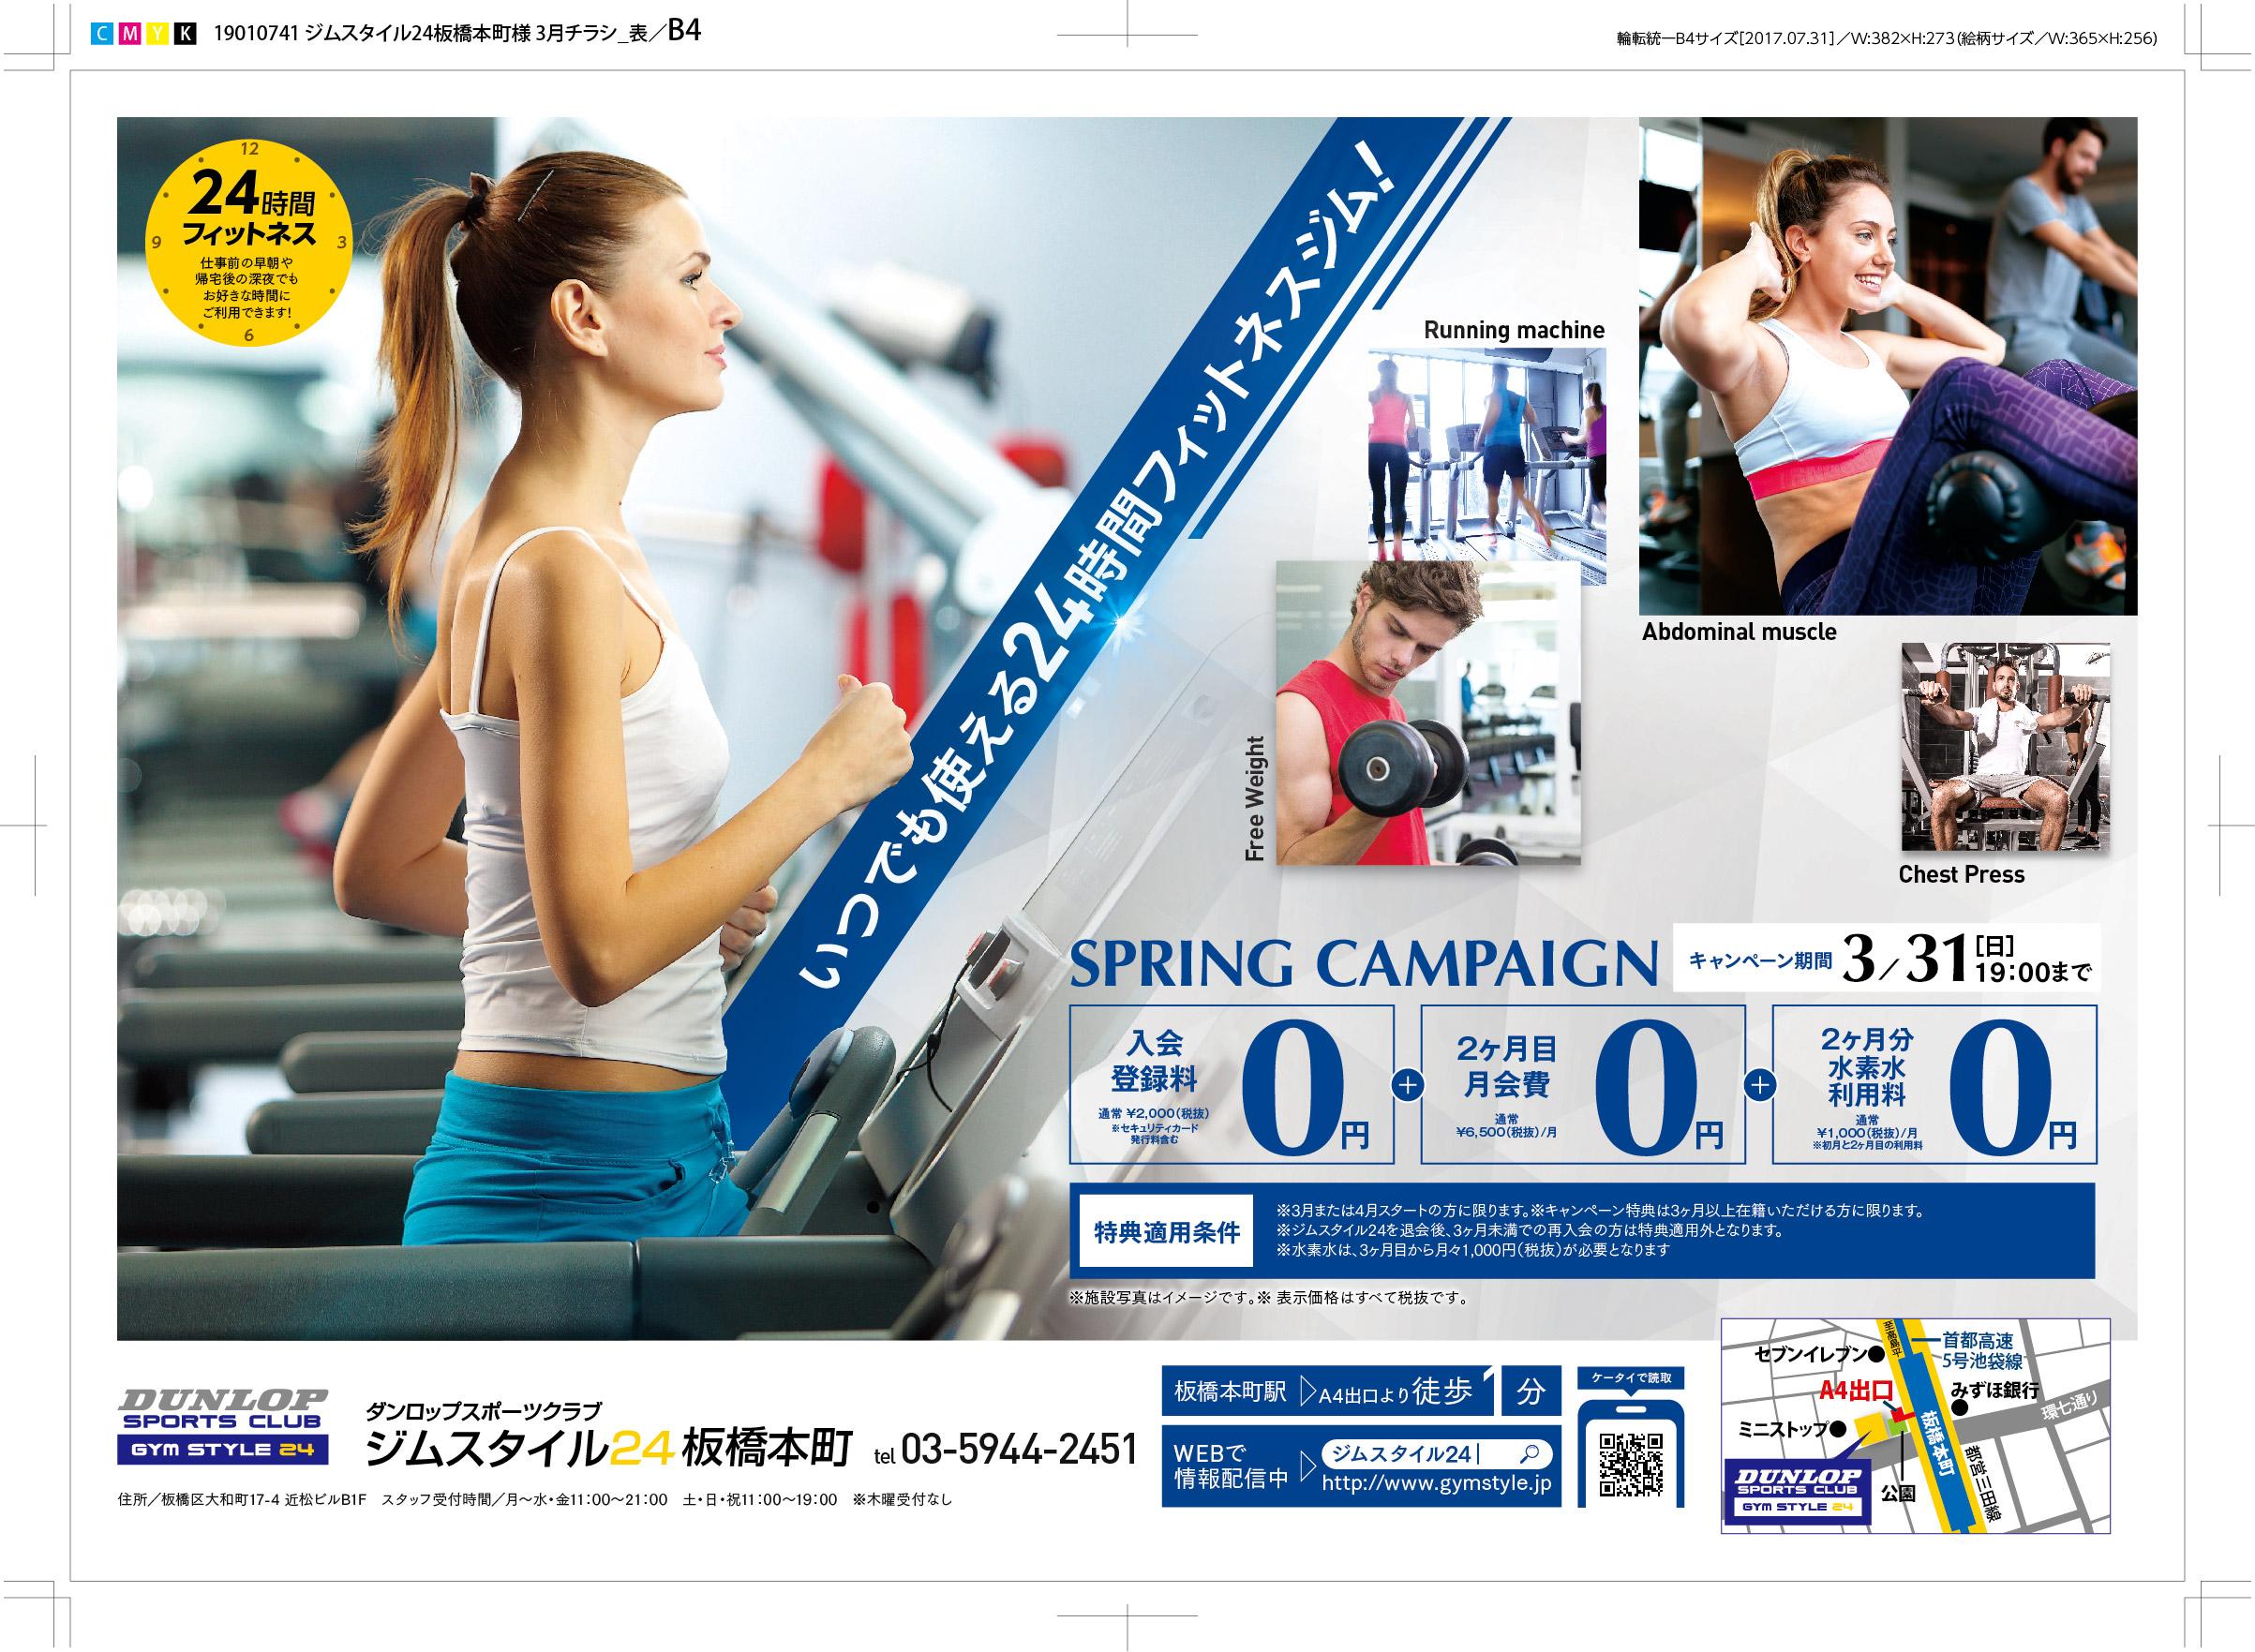 ジムスタイル24板橋本町